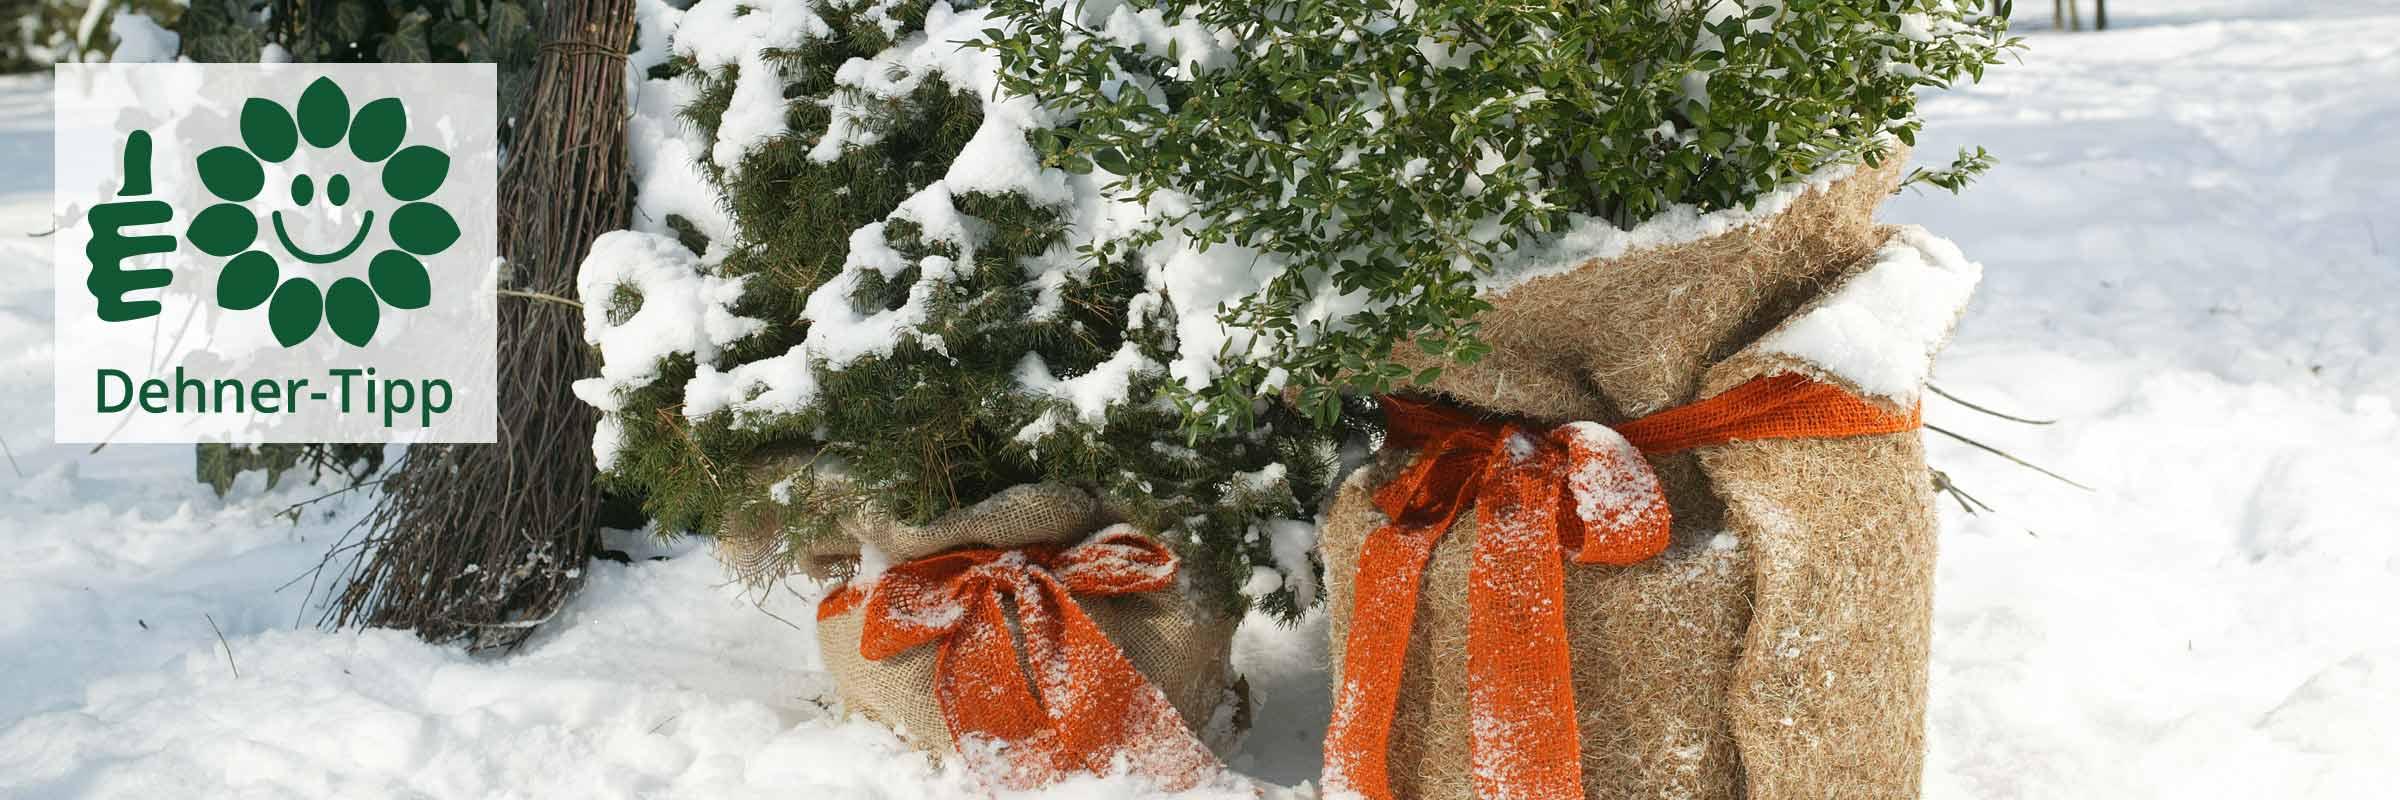 Dehner Ihr Online Shop Fur Garten Pflanzen Balkon Tiere